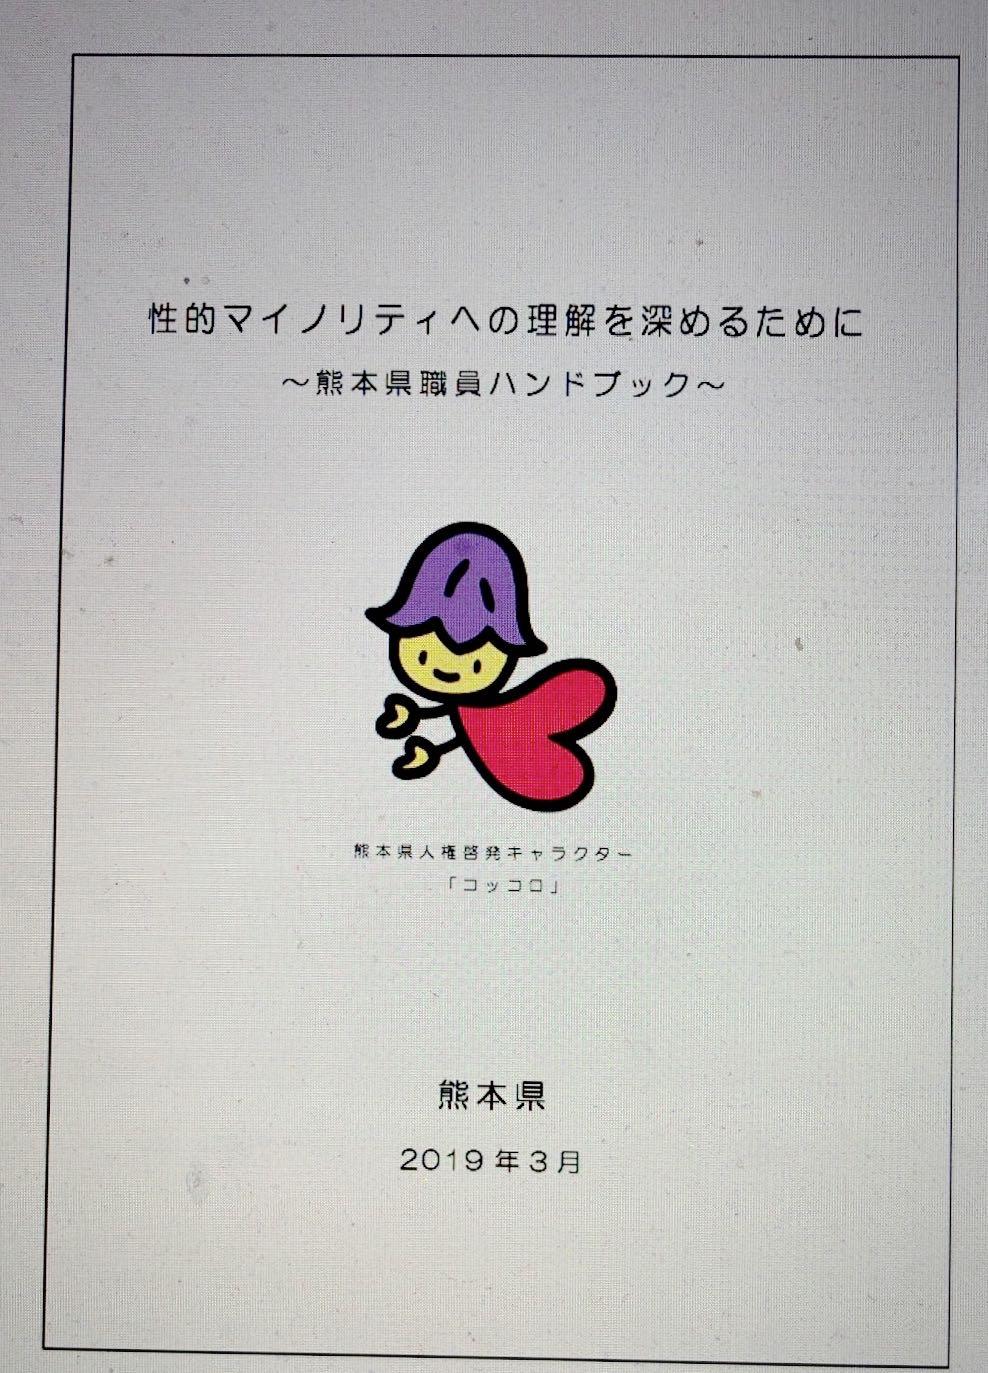 ともに拓くLGBTQ +の会くまもと性的マイノリティへの理解を深めるために〜熊本県職員ハンドブック〜が公開されました。